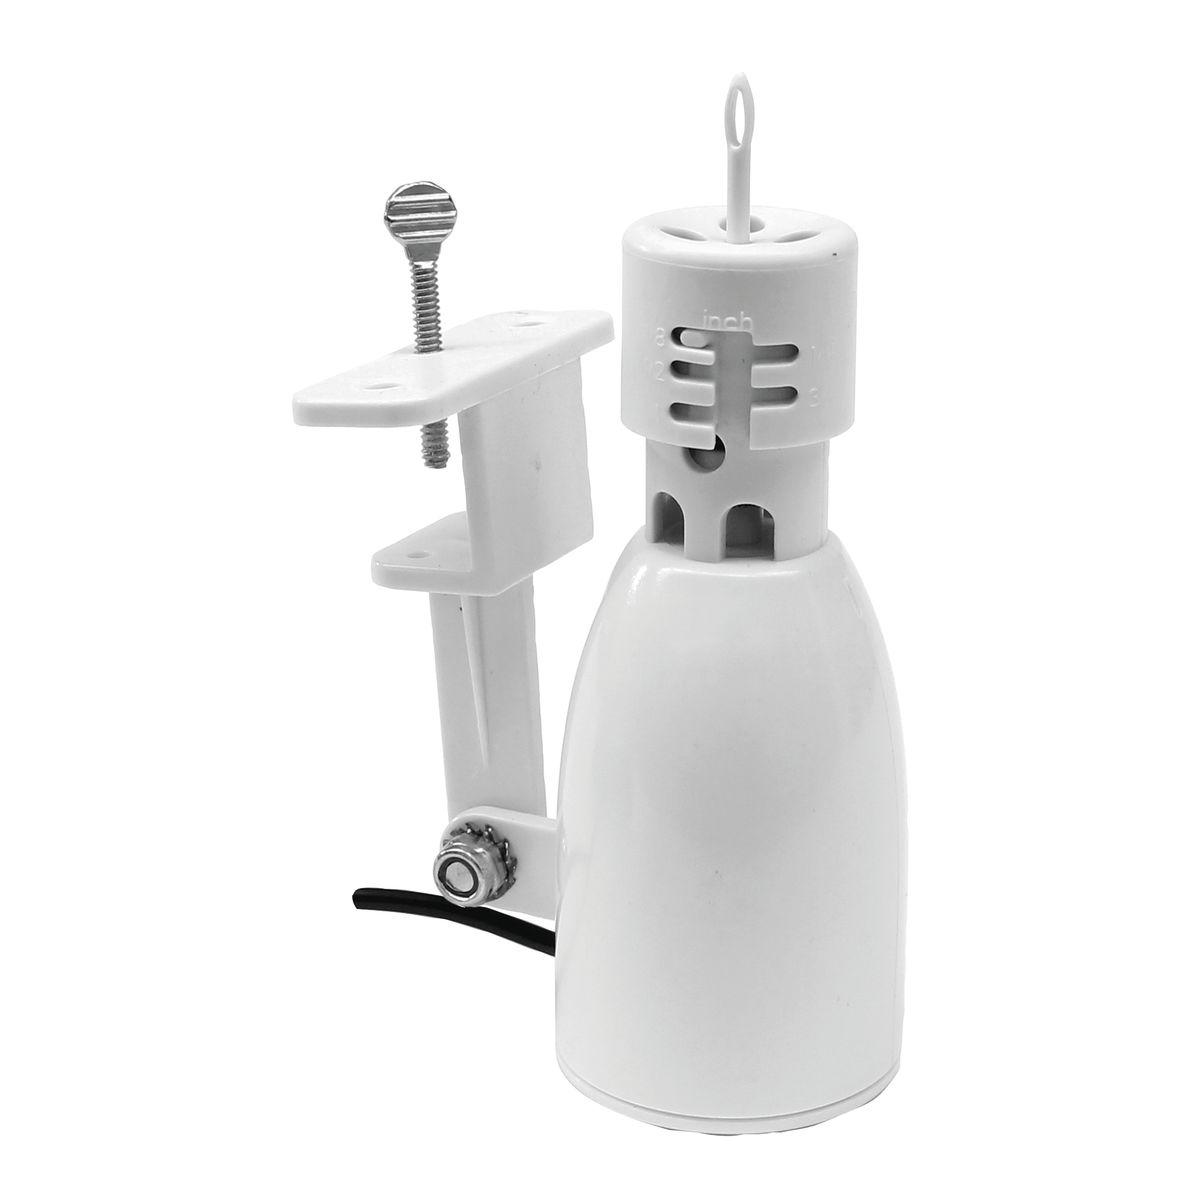 Sensore di pioggia rain sensore pioggia prezzi e offerte for Erba sintetica prezzi leroy merlin